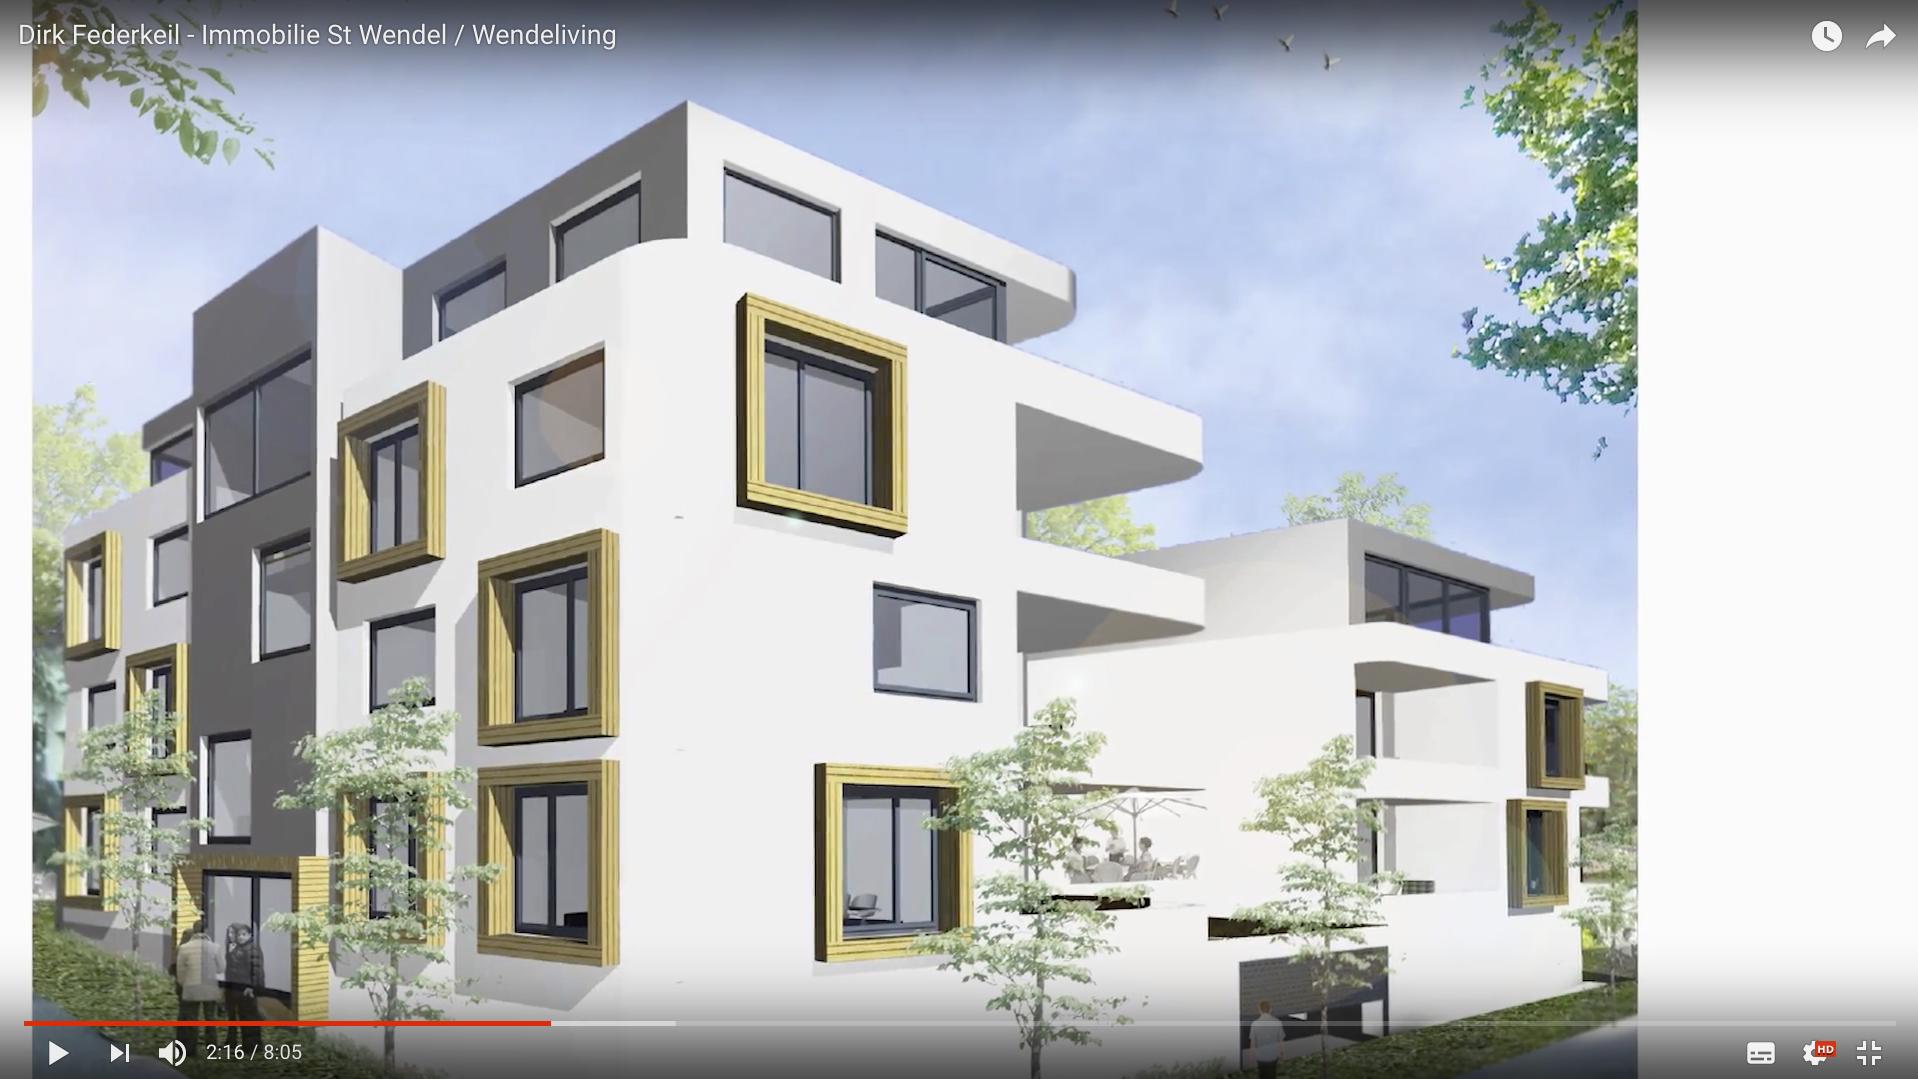 2017 Immobilie St Wendel : Wendeliving Planung_MSM_MEDIEN_SAAR_MOSEL_SAARLAND_FERNSEHEN_1_ED_SAAR